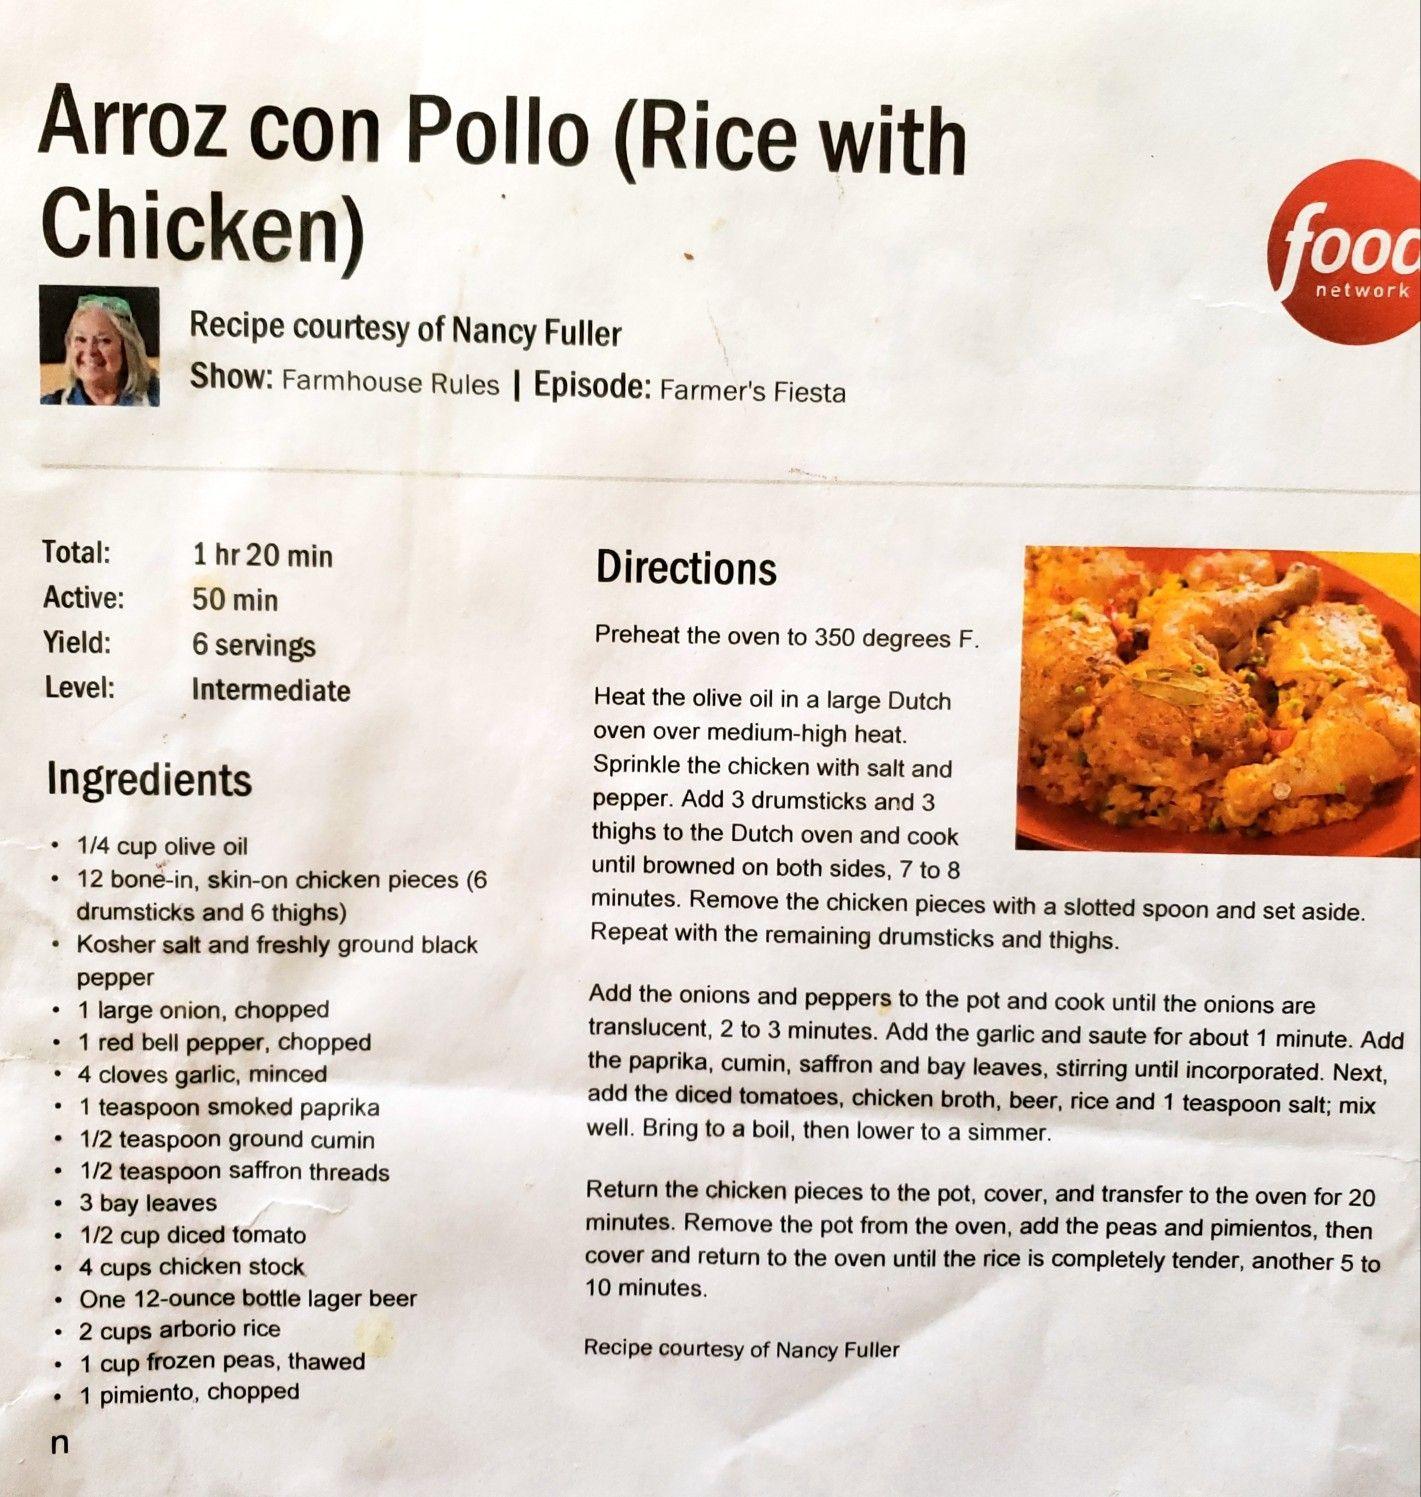 Arrow con pollo Food network recipes, Recipes, Arroz con